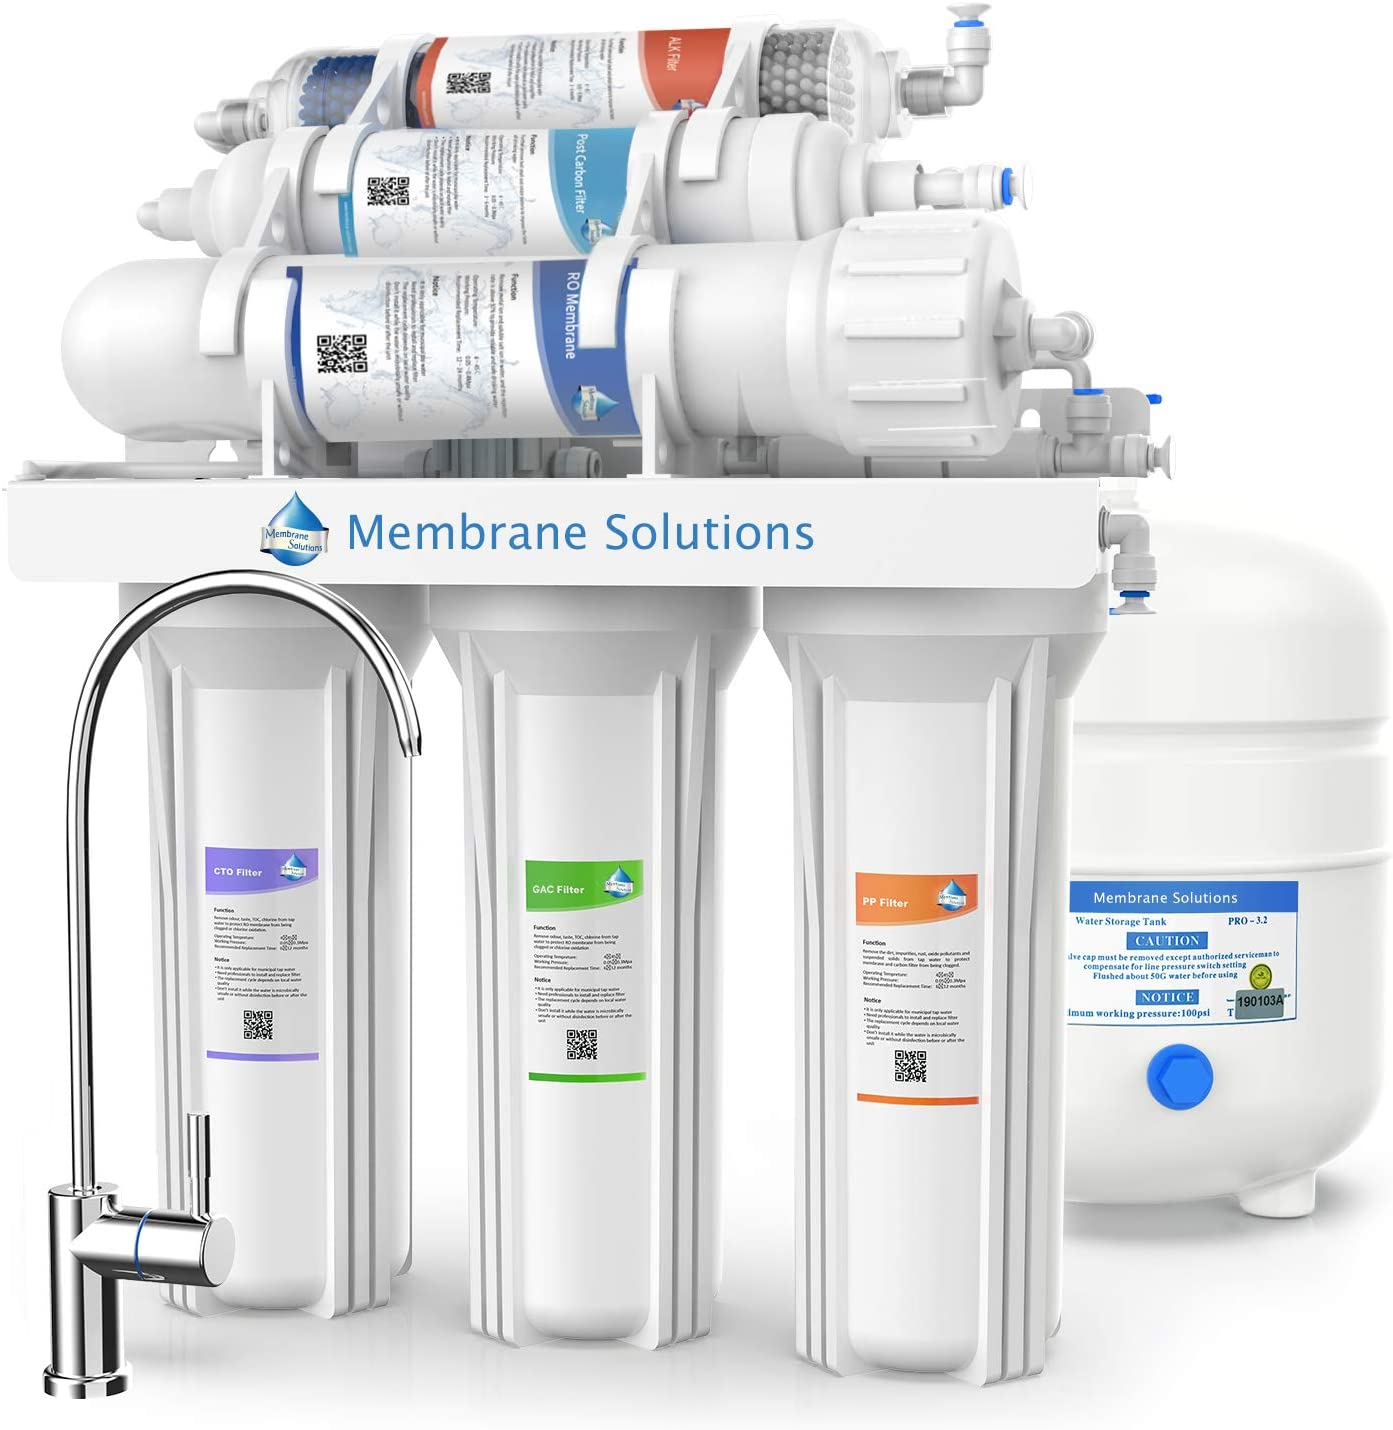 Sistema de filtro de agua alcalino de 6 etapas para remover el fregadero, con sistema de ósmosis inversa, purificador de agua potable de alta capacidad con tanque y grifo, PH-75GPD natural: Amazon.es: